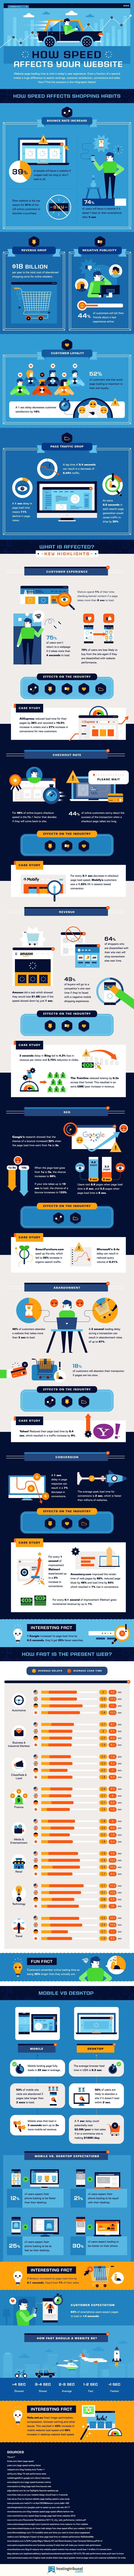 Así es como la velocidad de tu sitio web impacta en la experiencia del usuario